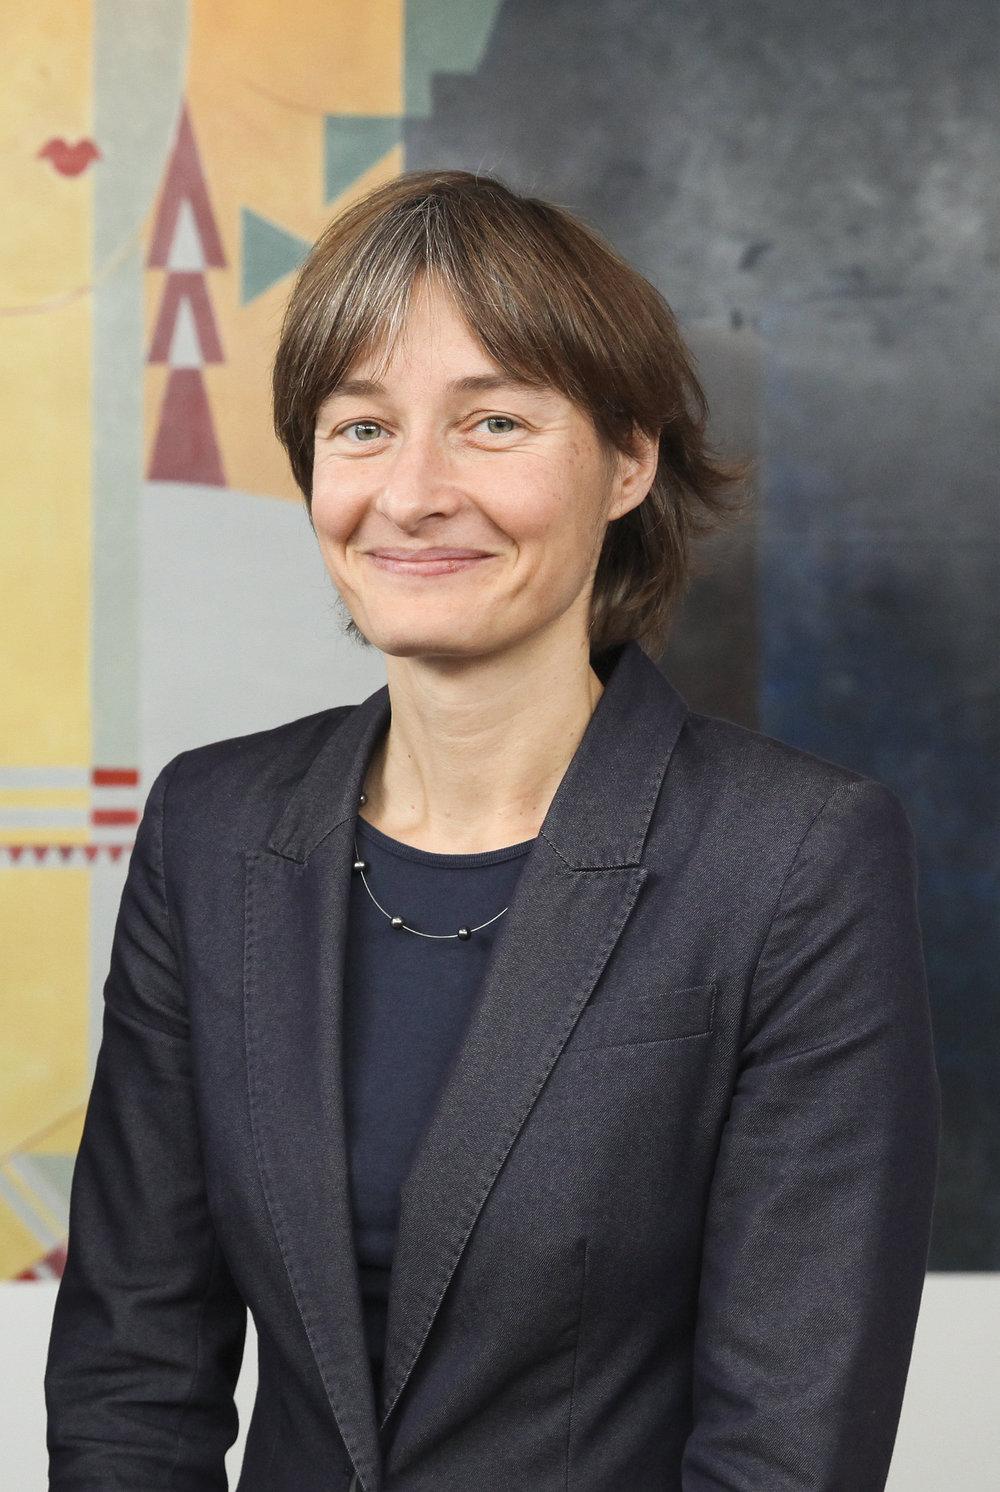 """Anpacken, Machen, Shiften - Wie Cornelia Diethelm, Centre for Responsibility (CDR), die Frage nach der Ethik im Digitalisierungsprozess ins Zentrum stellt und im Februar 2019 den Schweizweit ersten Kongress """"Shift 2019"""" ins Leben ruft."""